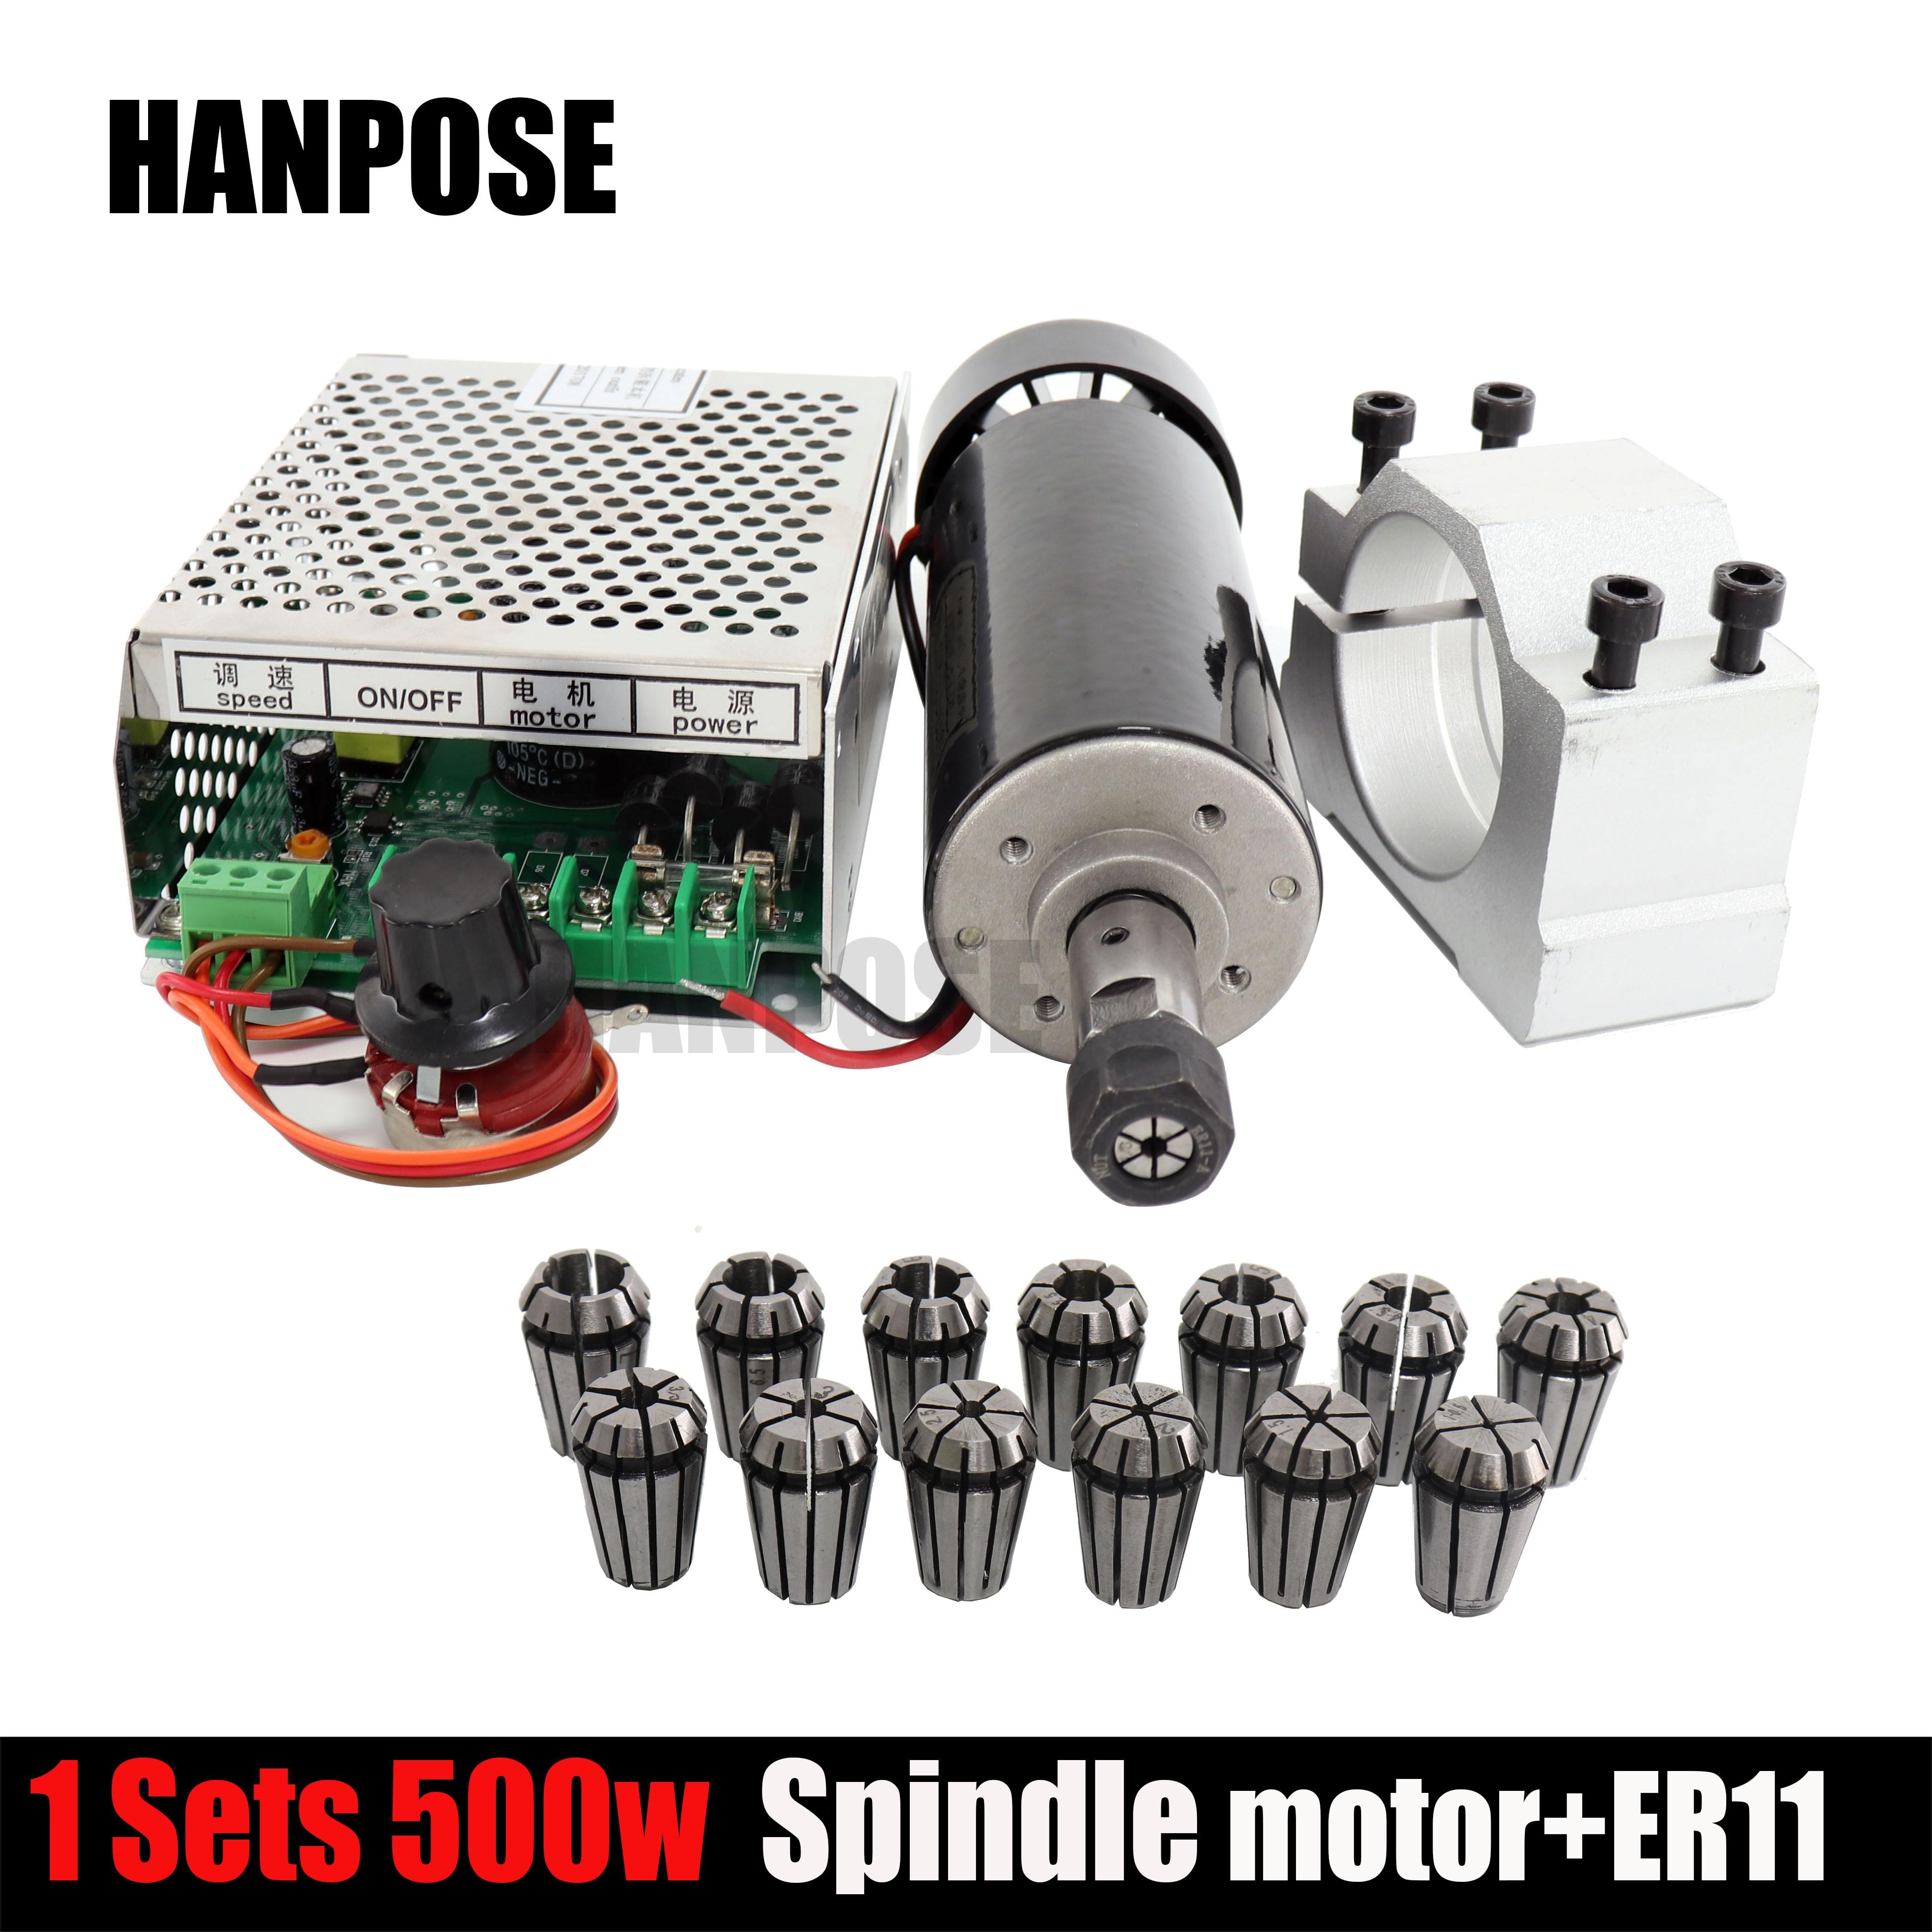 0,5 кВт хомуты с воздушным охлаждением шпиндель ER11 патрон CNC 500 Вт мотор шпинделя + регулятор скорости электропитания